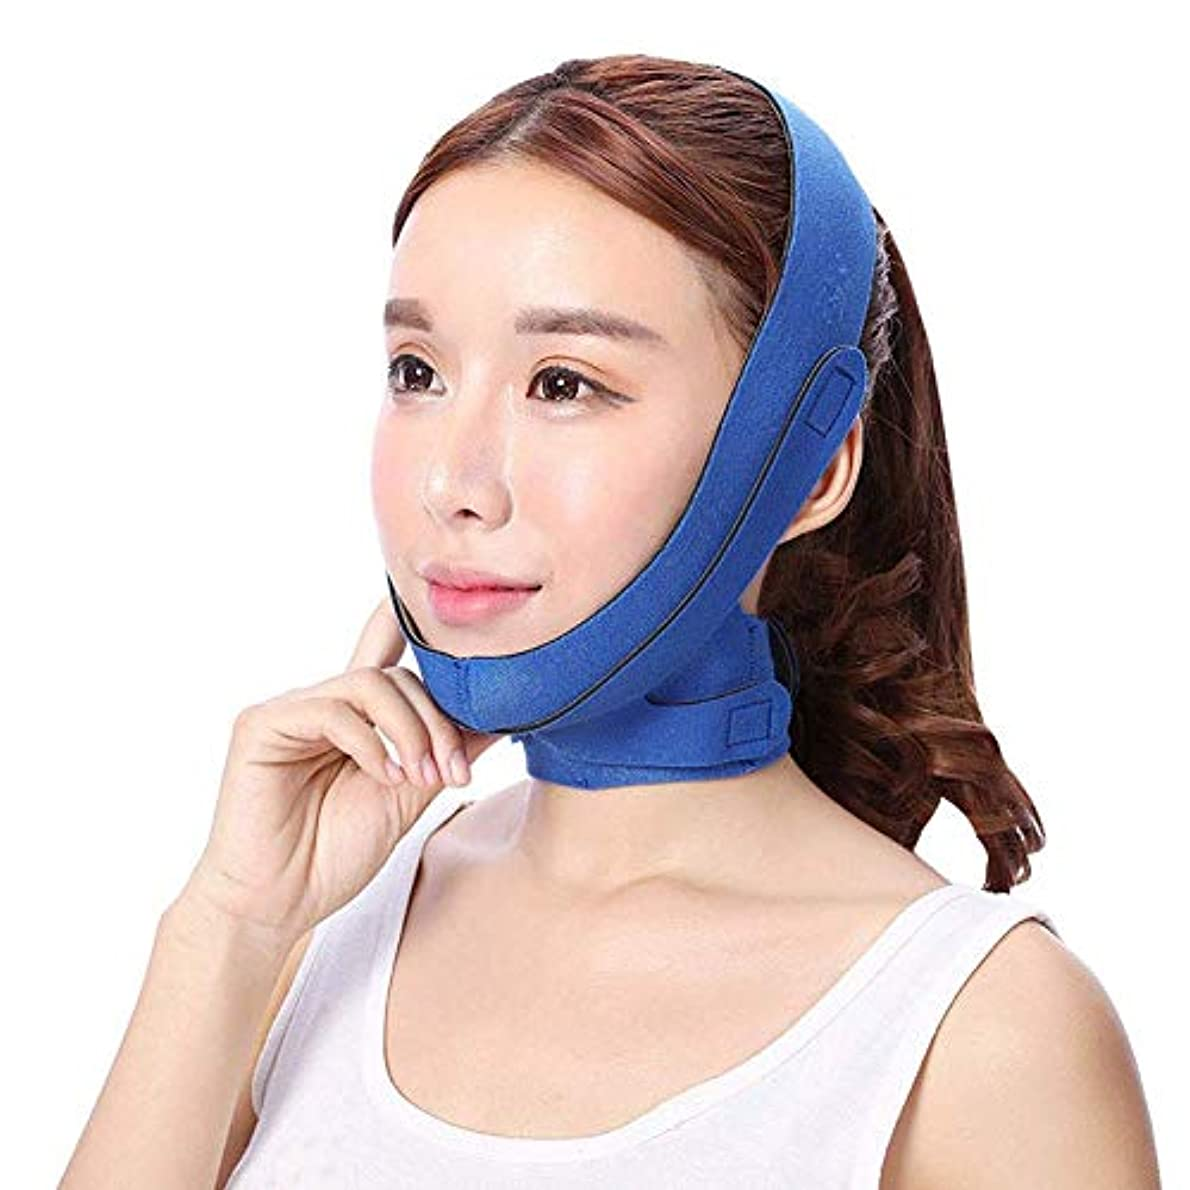 スピーカー戸口交流するフェイスリフティング包帯、薄いフェイスマスクVベルト/痩身包帯あご口腔マスク赤面